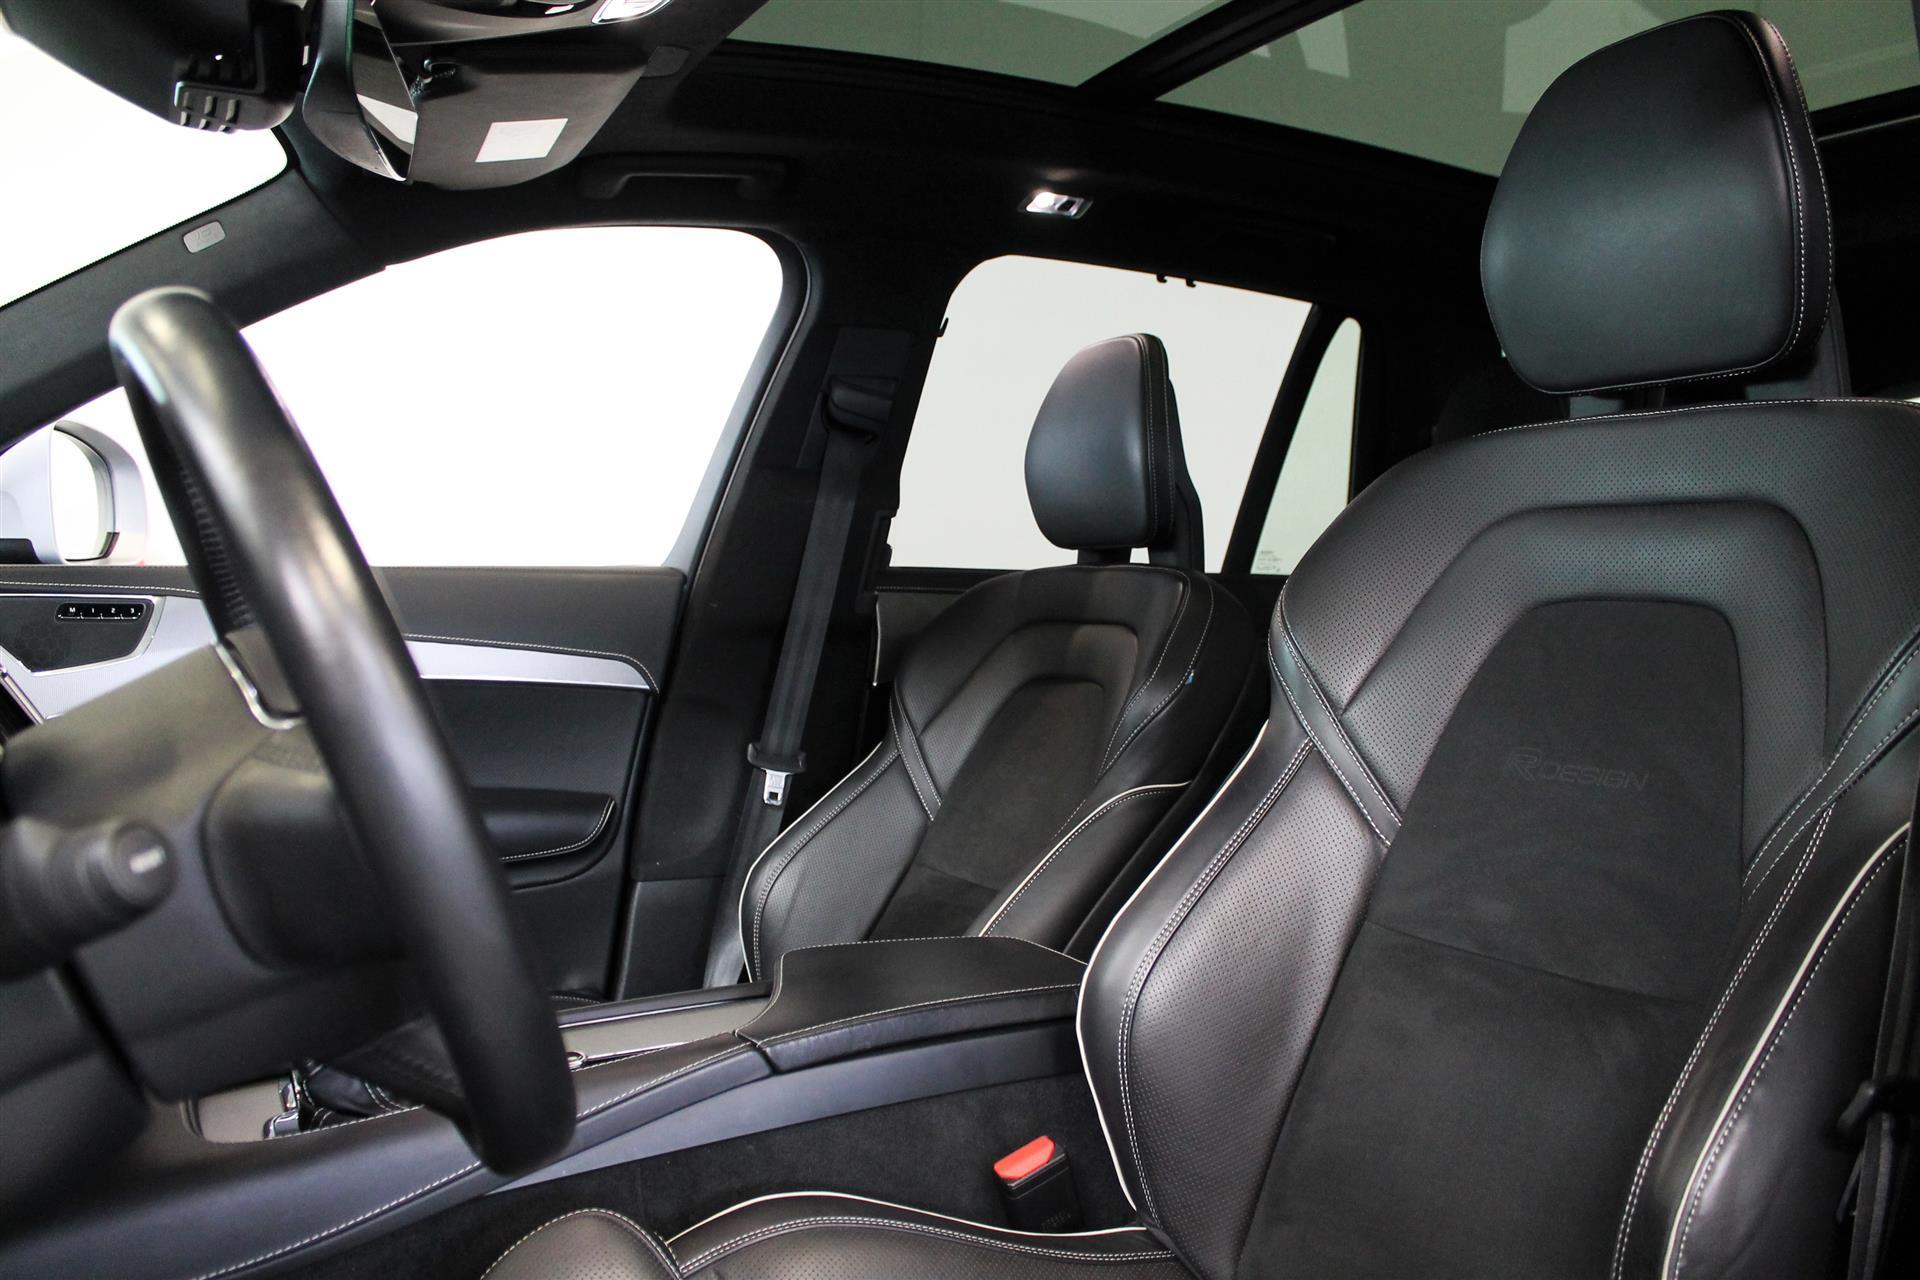 7 Sæder 2,0 D5 R-design AWD 235HK 5d 8g Aut. image2